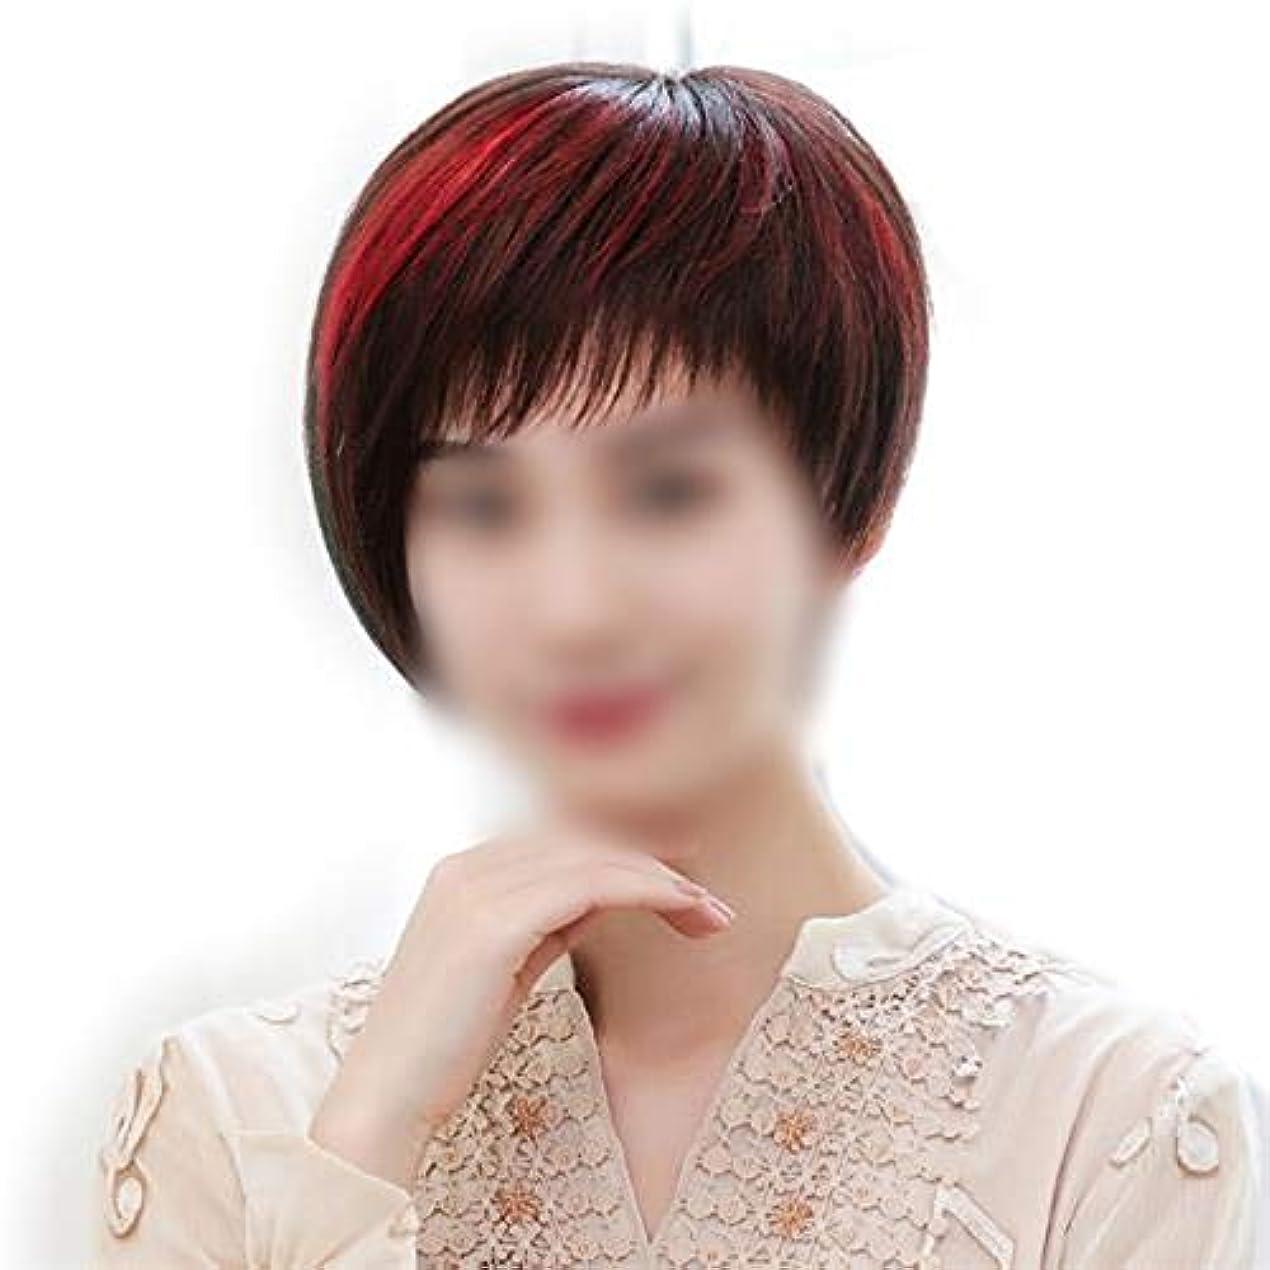 サーフィン短命ソースYOUQIU ナチュラルブラックハイライトレッドボブウィッグショートストレート髪レアル髪ハンサムハンド織ウィッグウィッグ (色 : Natural black)